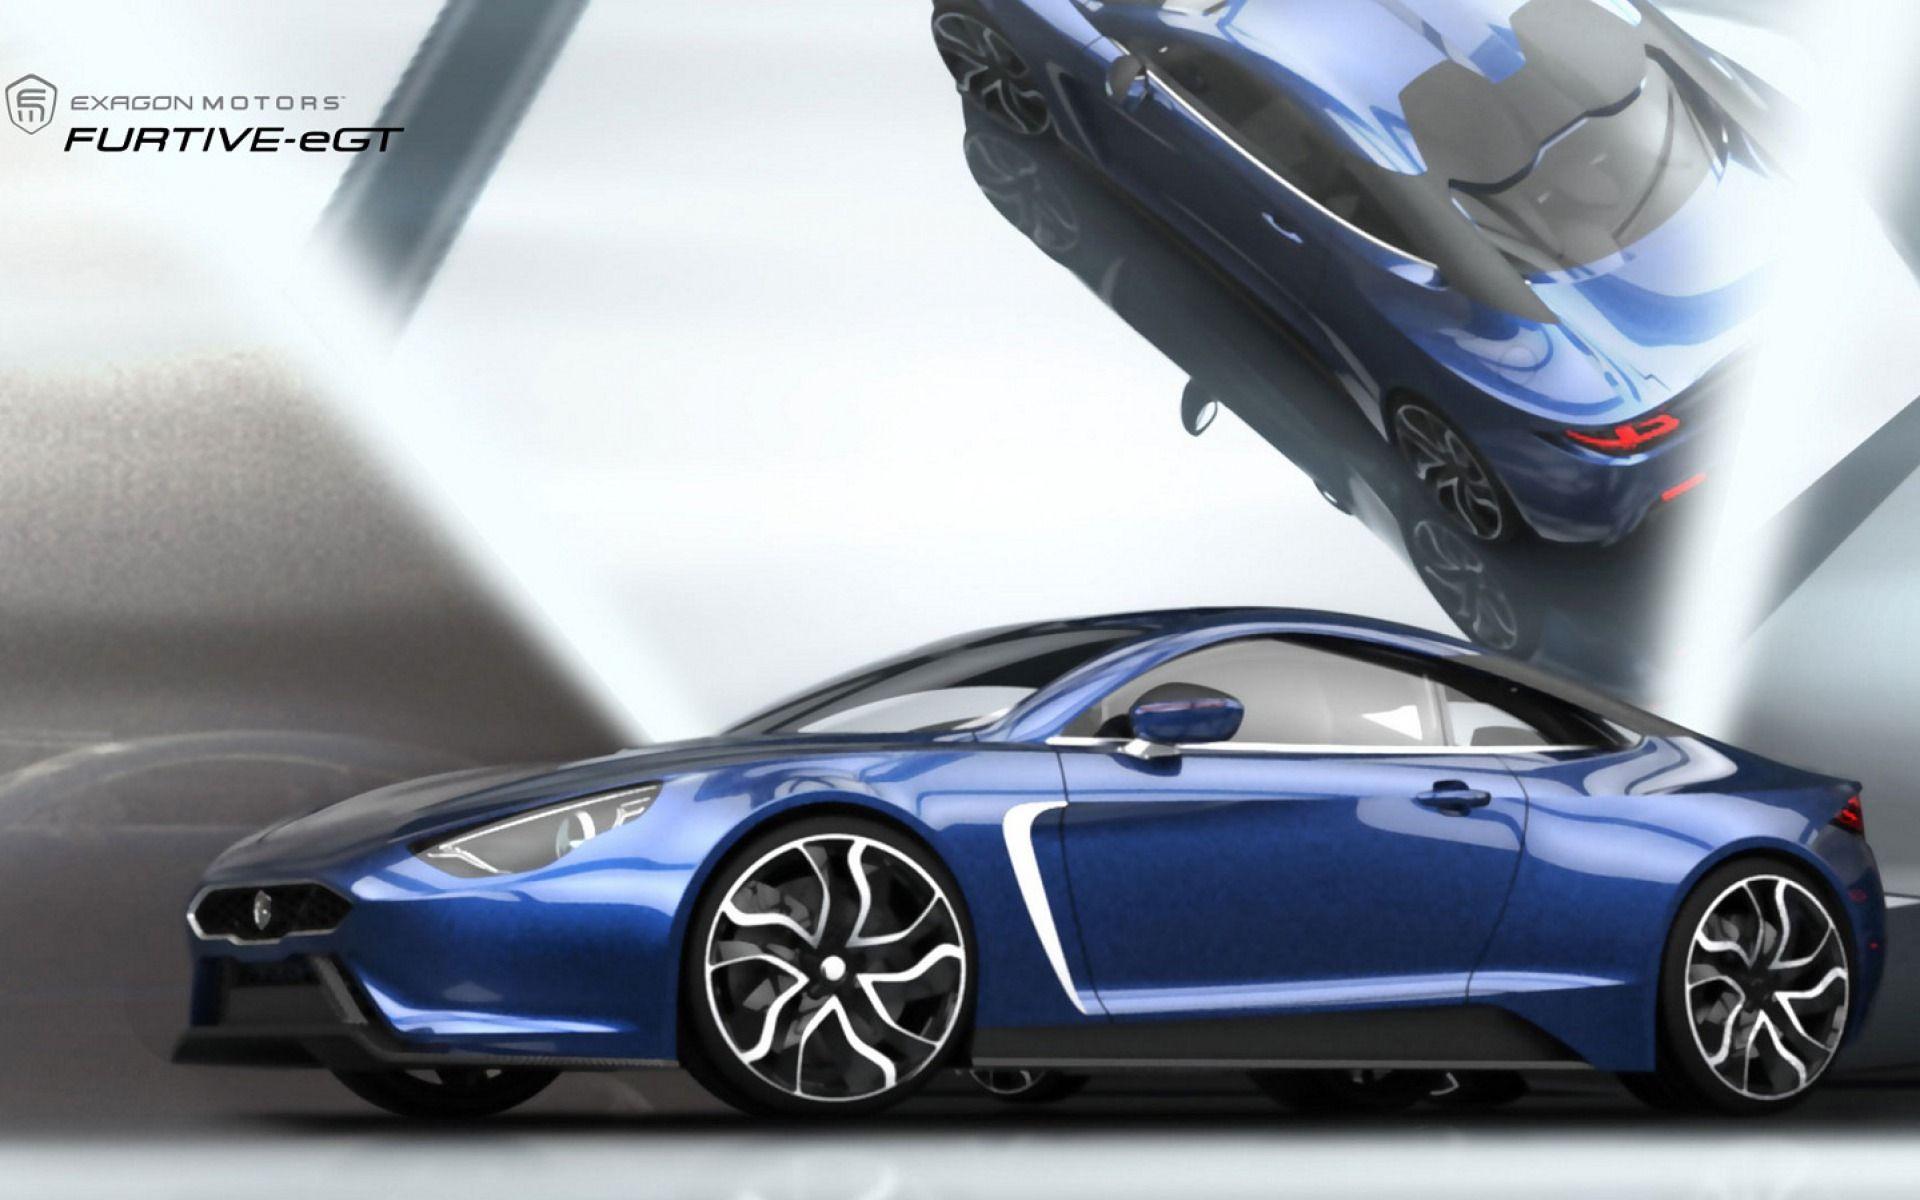 エクサゴンひそかE-GT 車 高解像度で壁紙